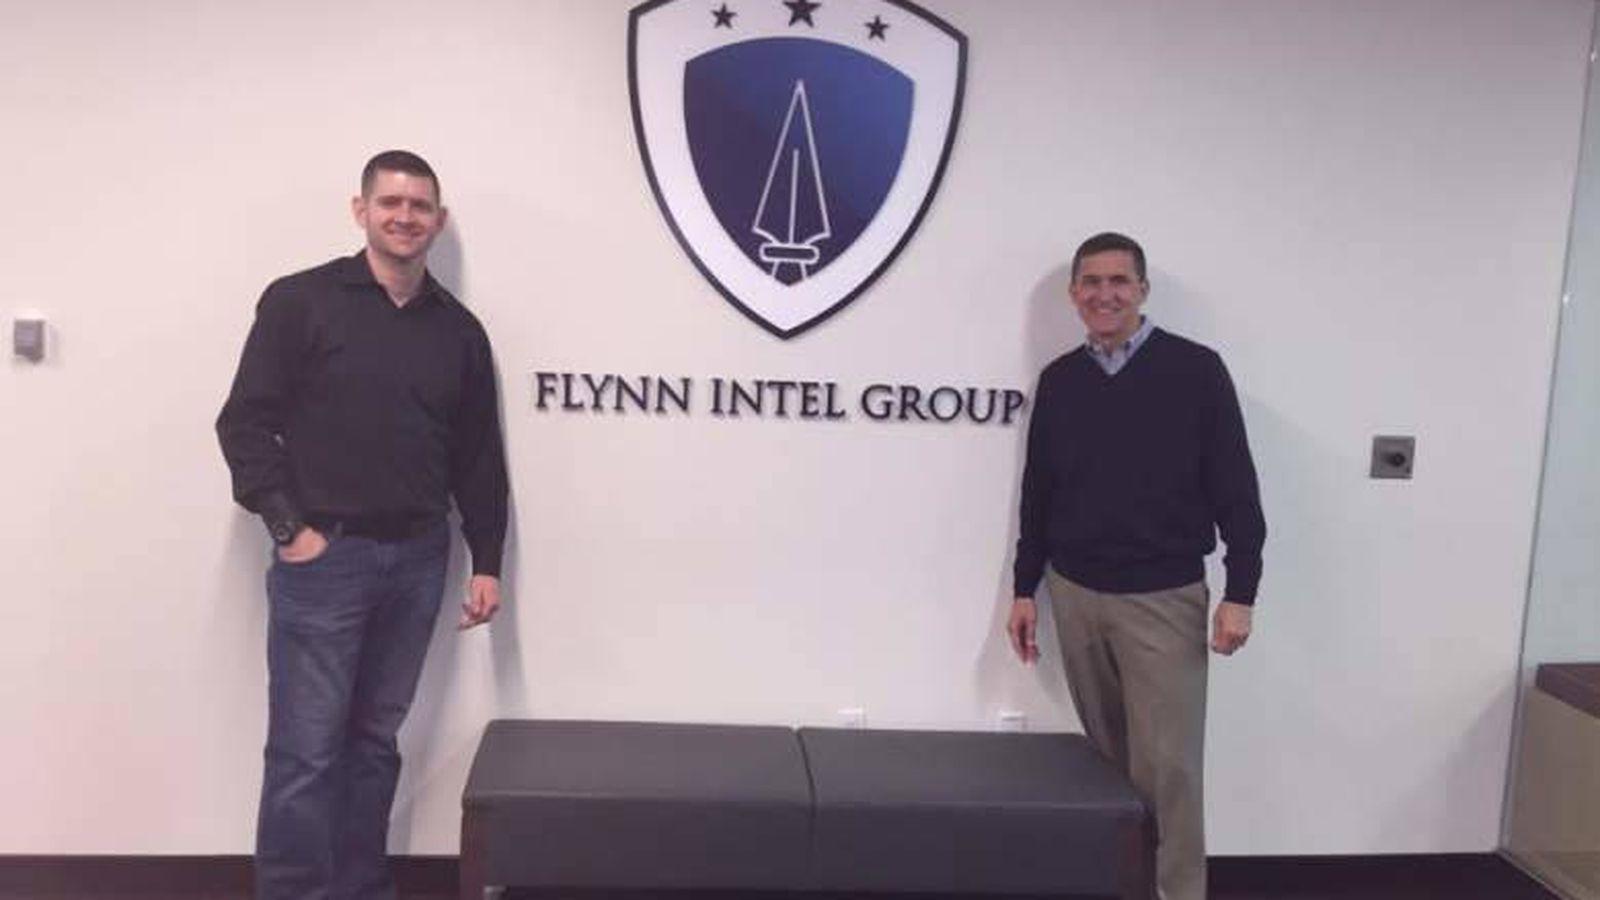 Foto: Michael Flynn y su hijo frente al logotipo del Flynn Intel Group